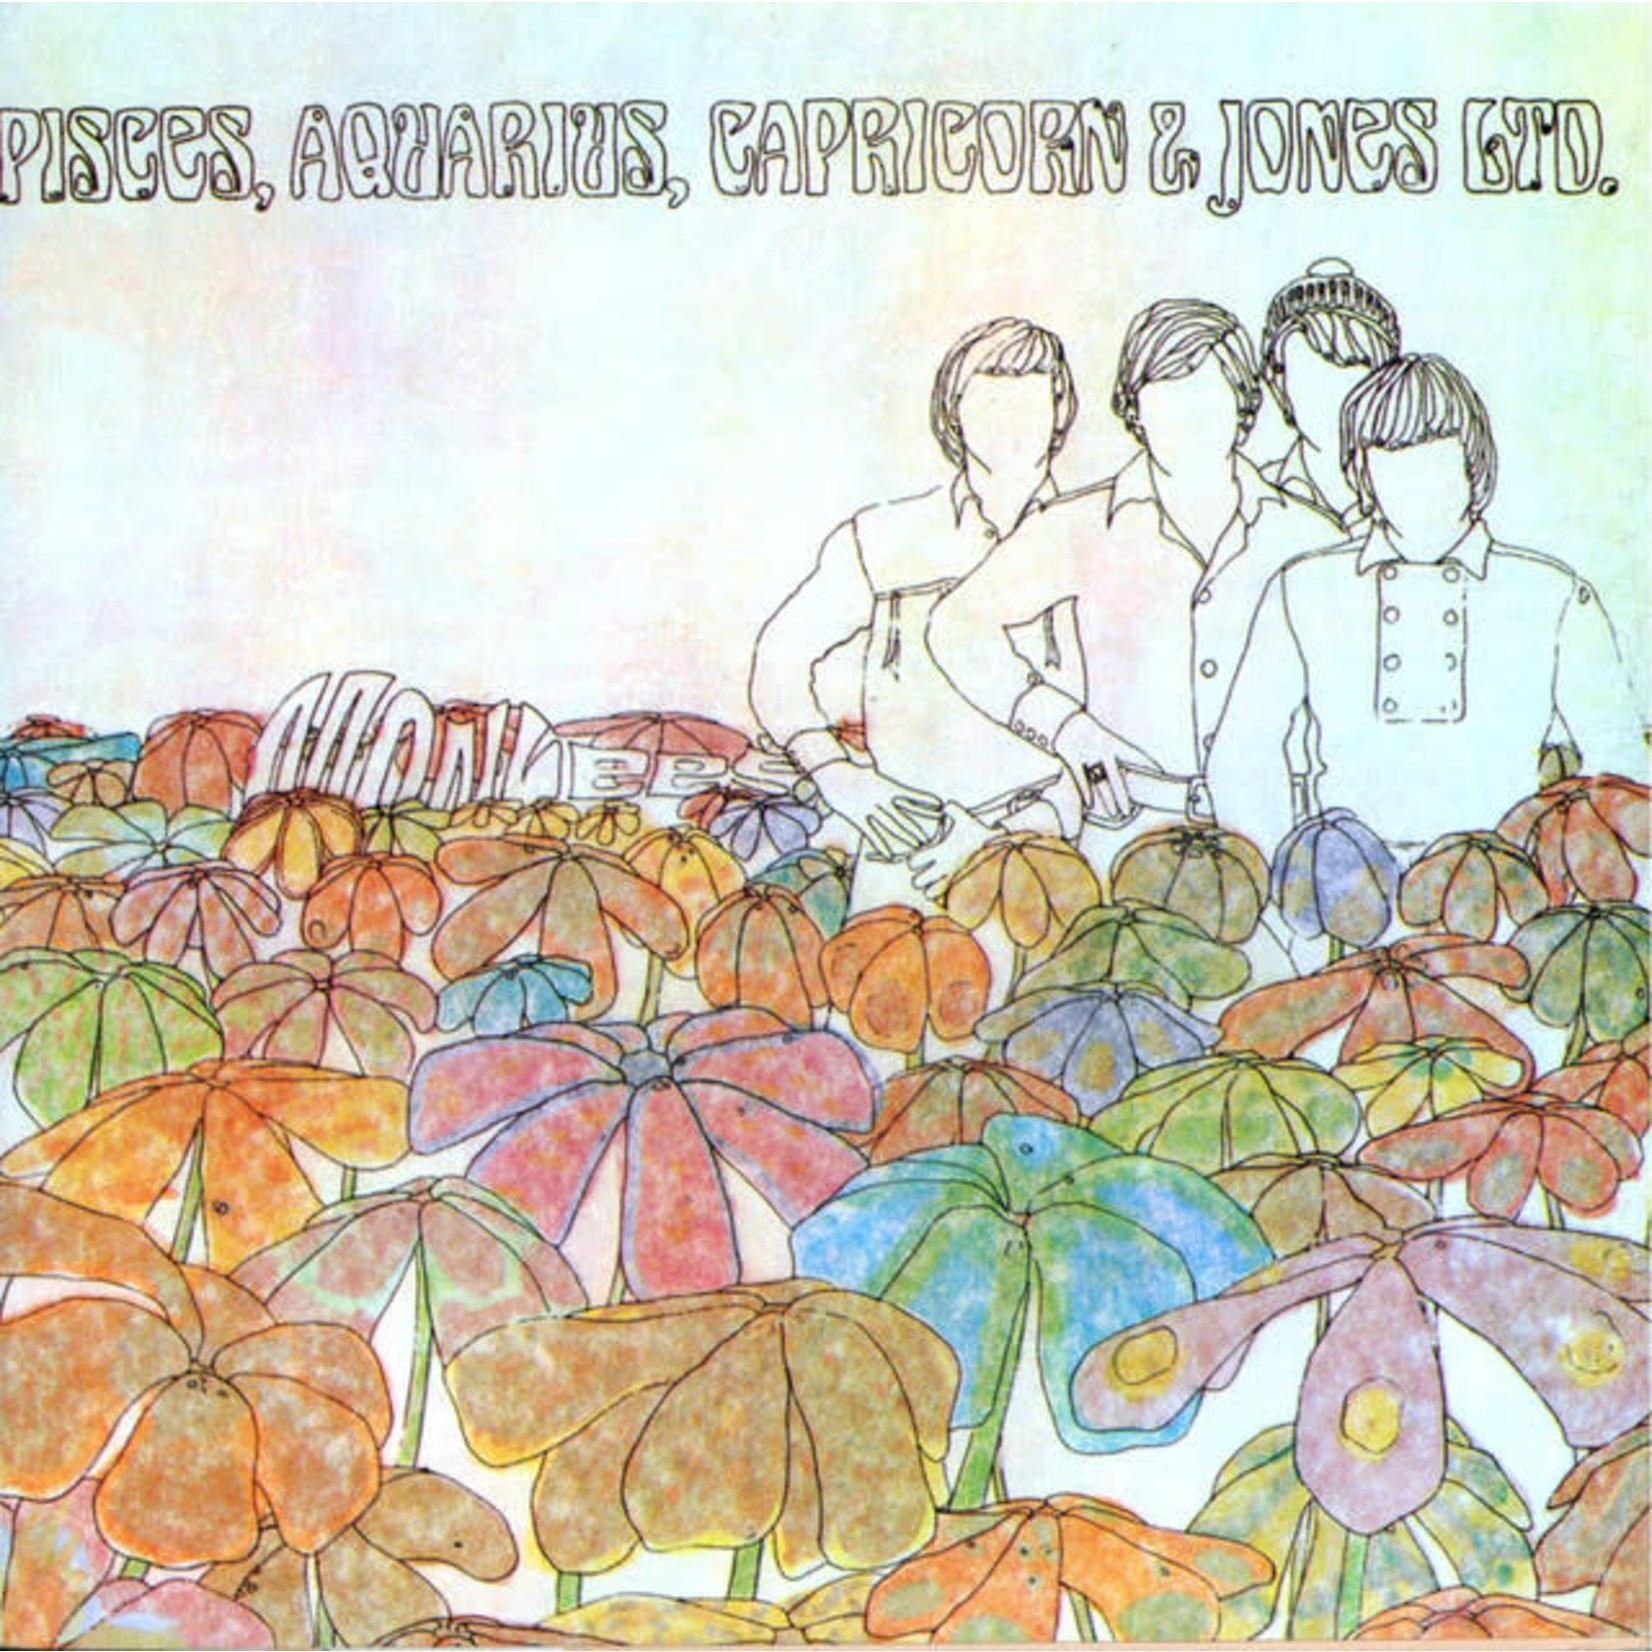 Vinyl The Monkees - Pisces, Aquarius, Capricorn & Jones Ltd.